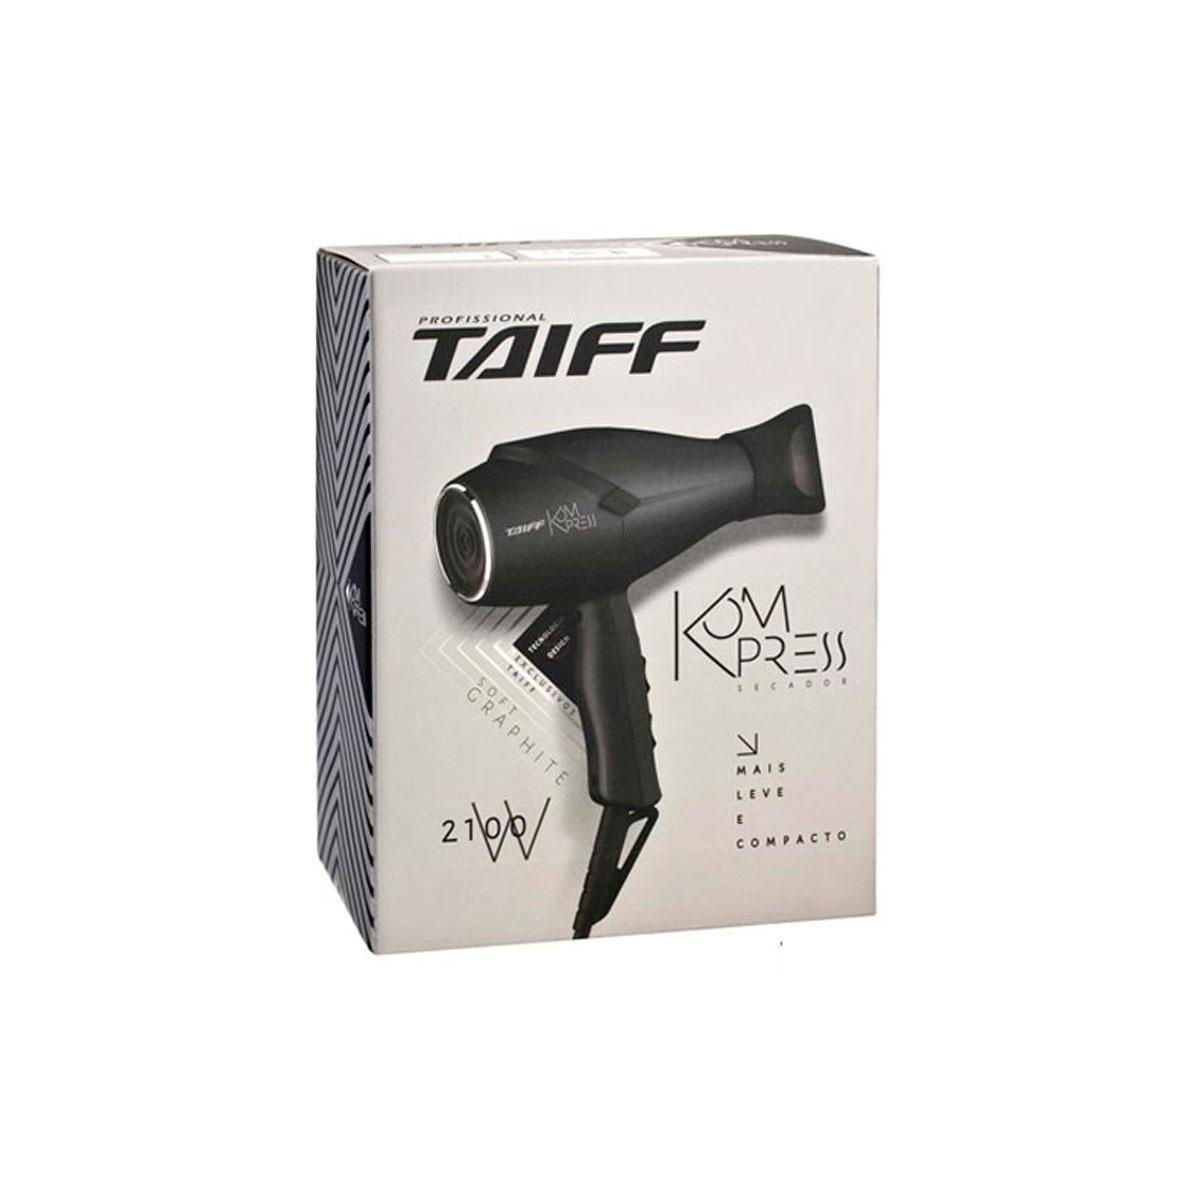 chapinha taiff titanium colors + secador taiff grafite 110v. Carregando  zoom. 0ce5d27c0e3c